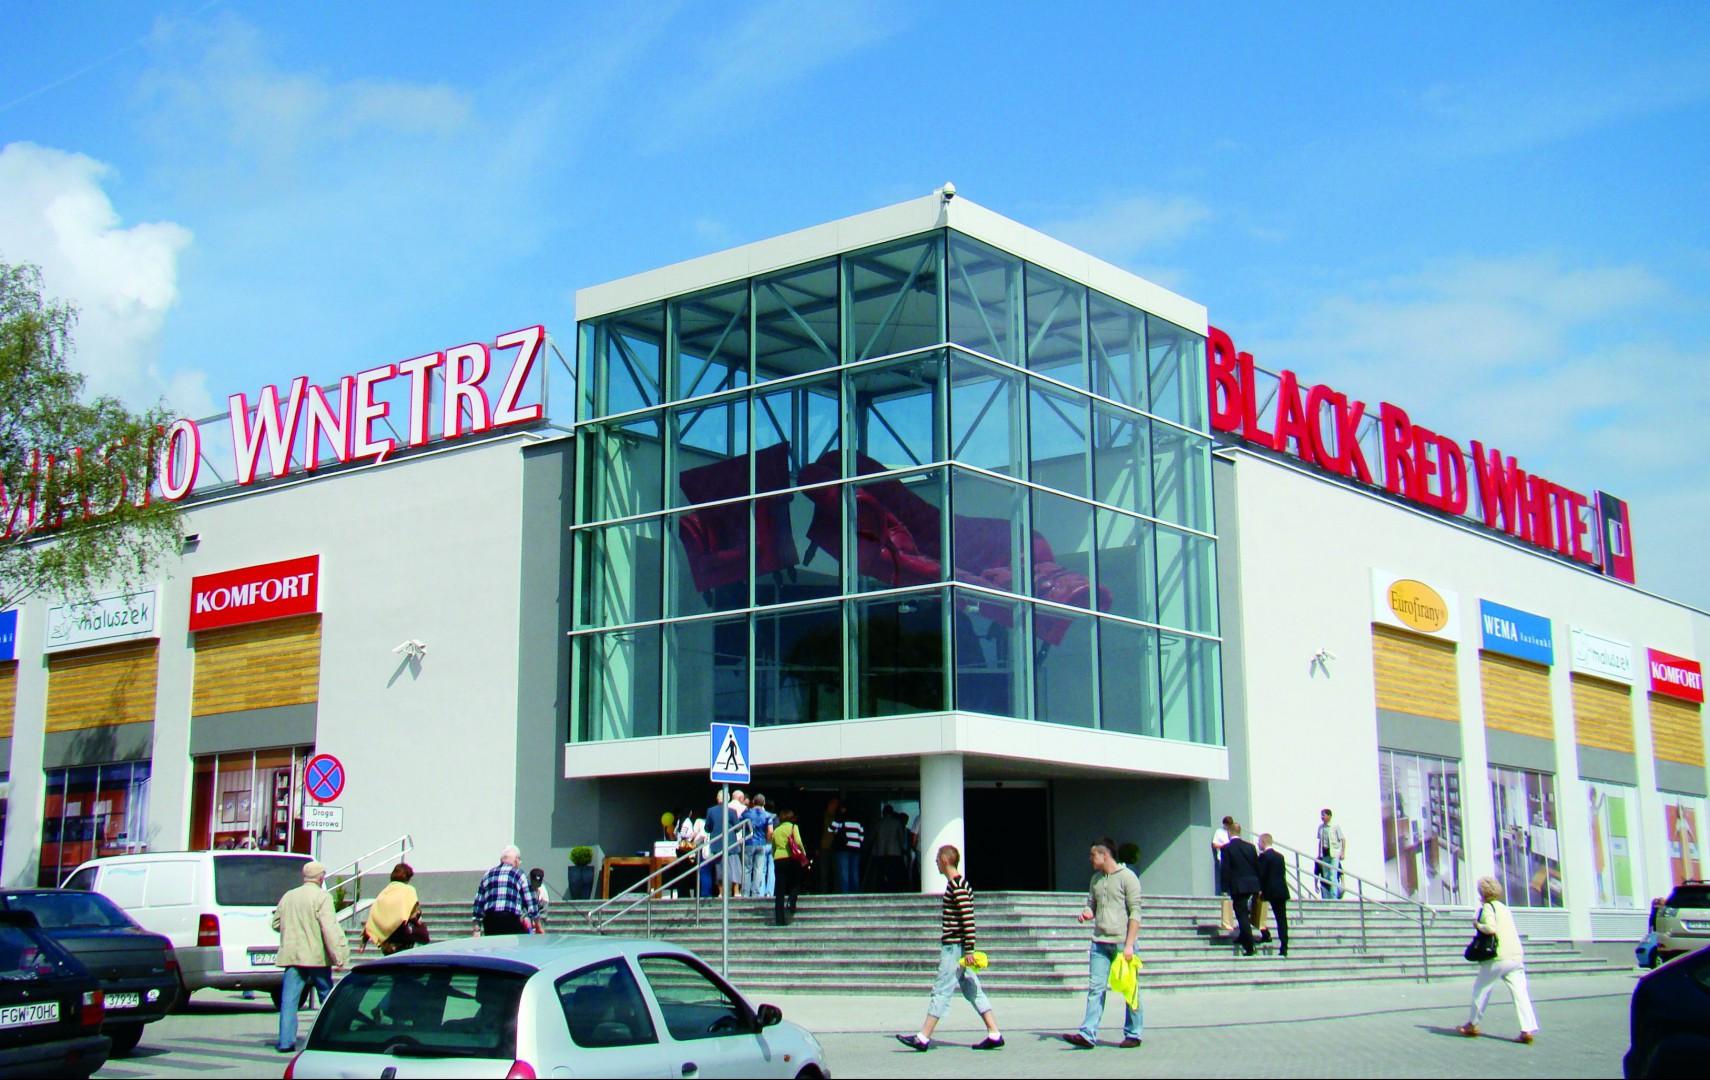 Miasto Wnętrz - salon należący do sieci sprzedaży BRW. Fot. archiwum